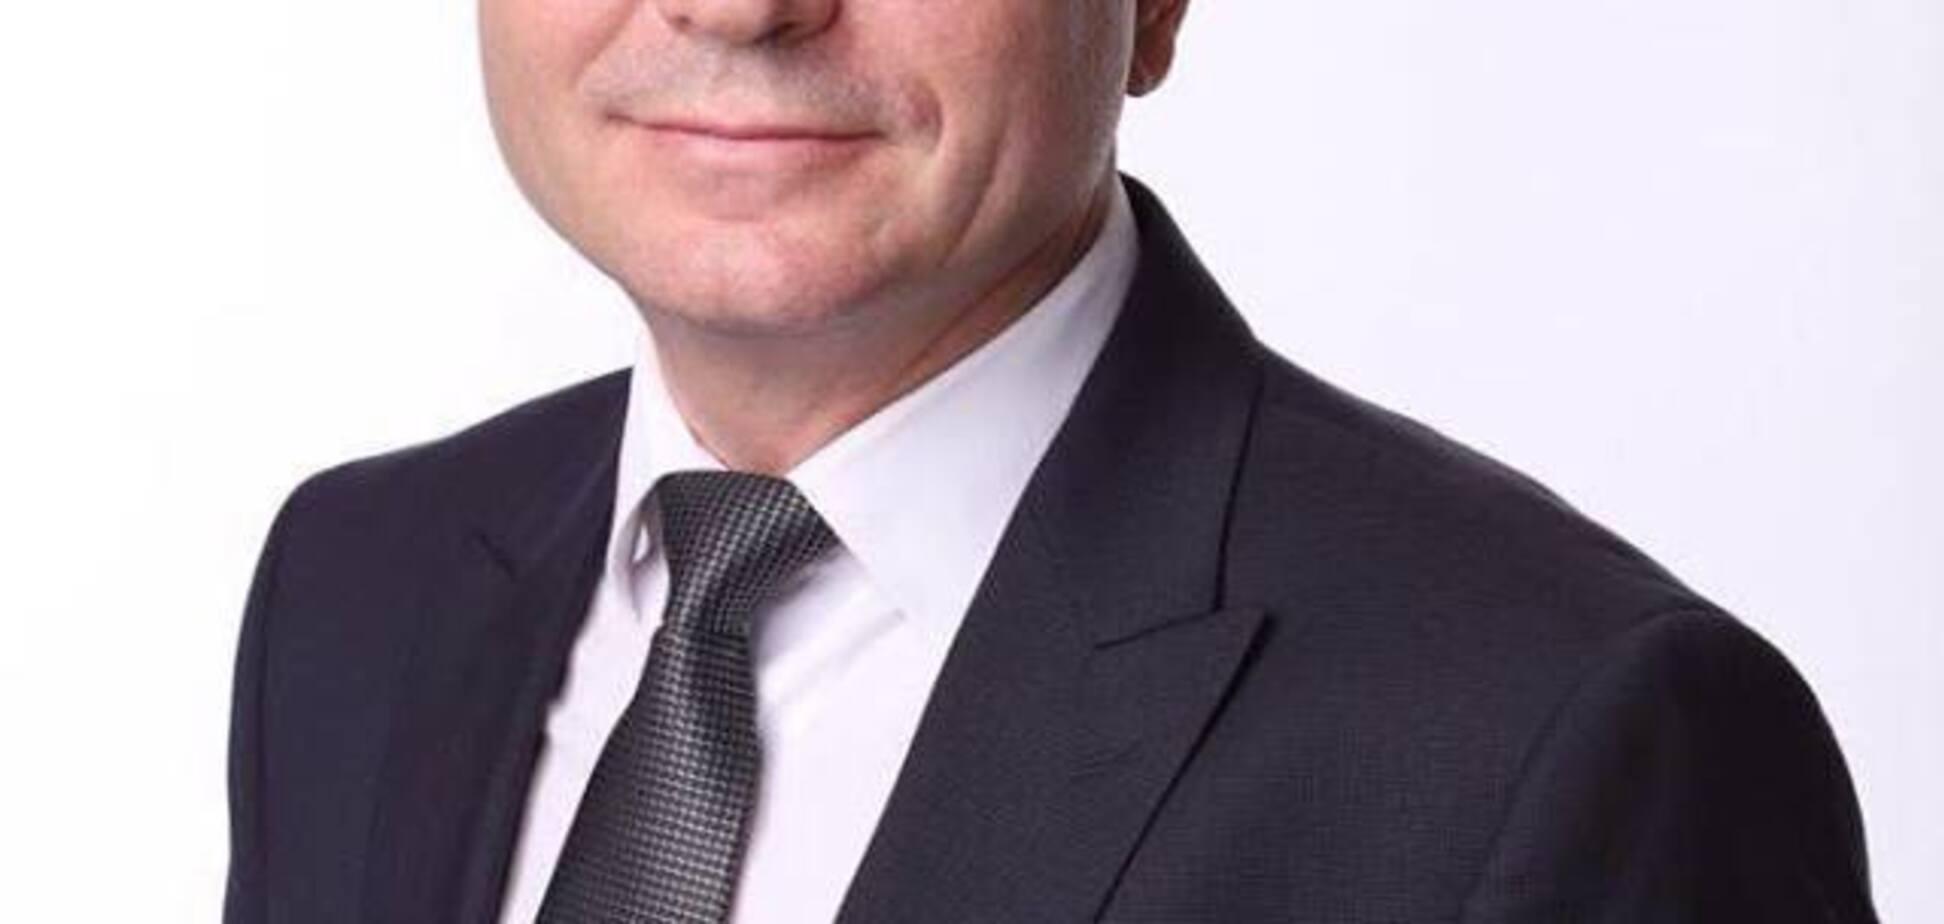 Олег Кузьменко: 'Кредиты – не выход! В Запорожье нужно привлекать иностранных инвесторов и создавать рабочие места'